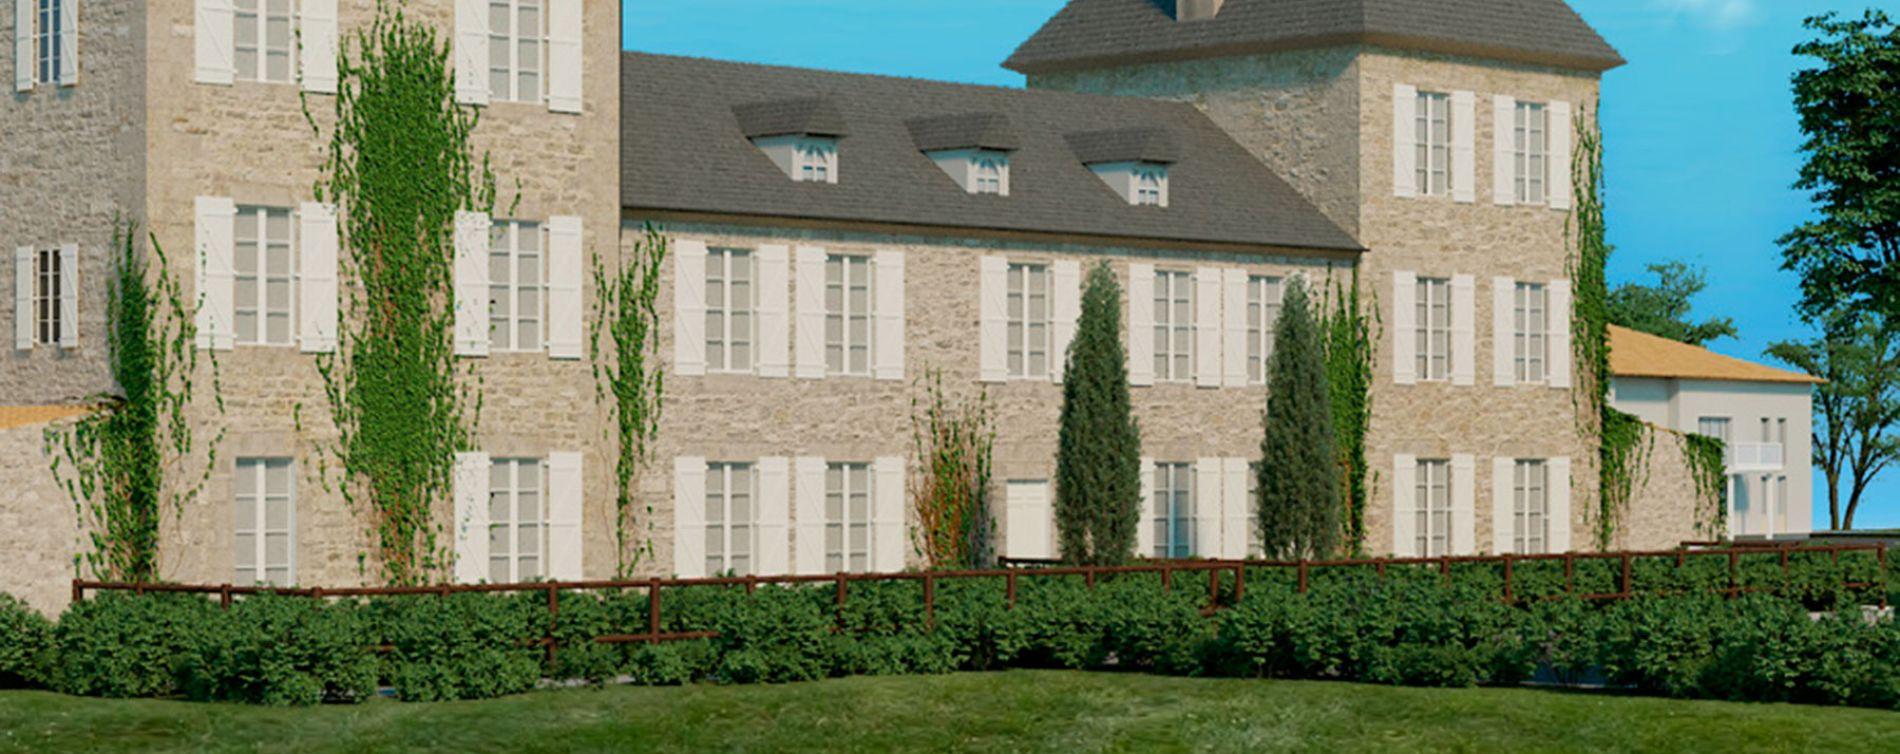 Résidence Château Canteloup à Carignan-de-Bordeaux